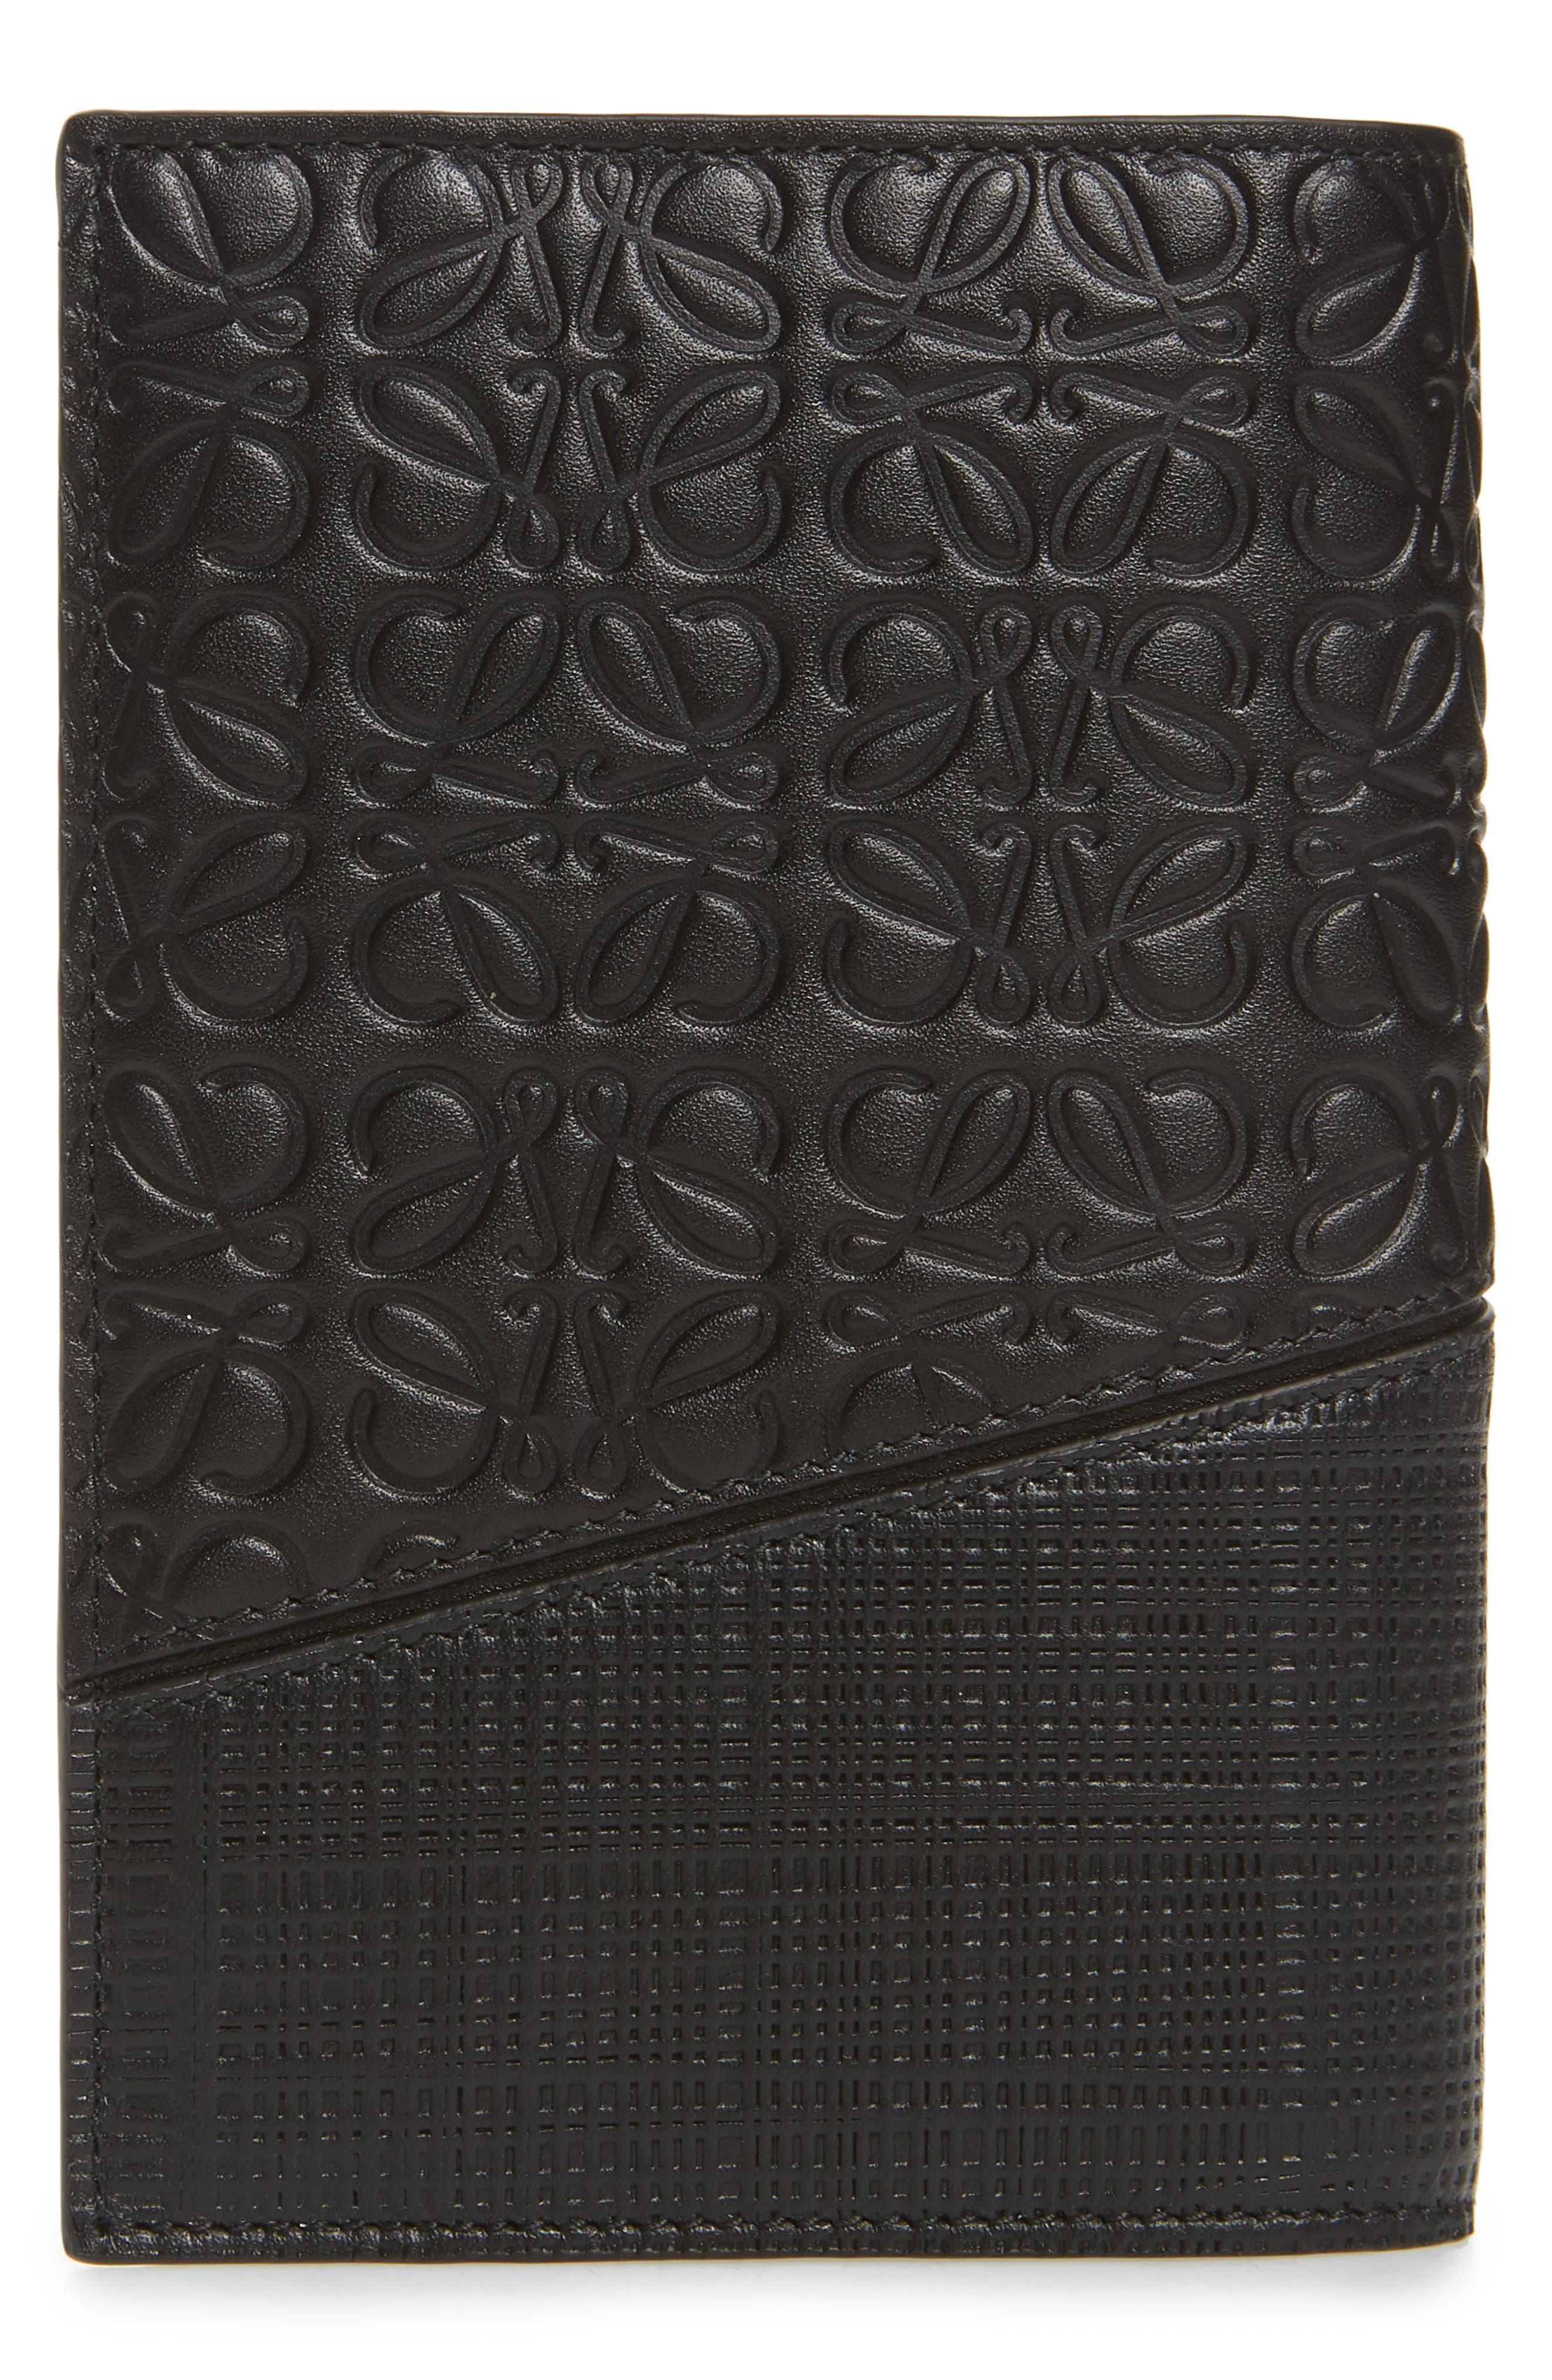 Leather Puzzle Passport Case,                             Alternate thumbnail 3, color,                             BLACK